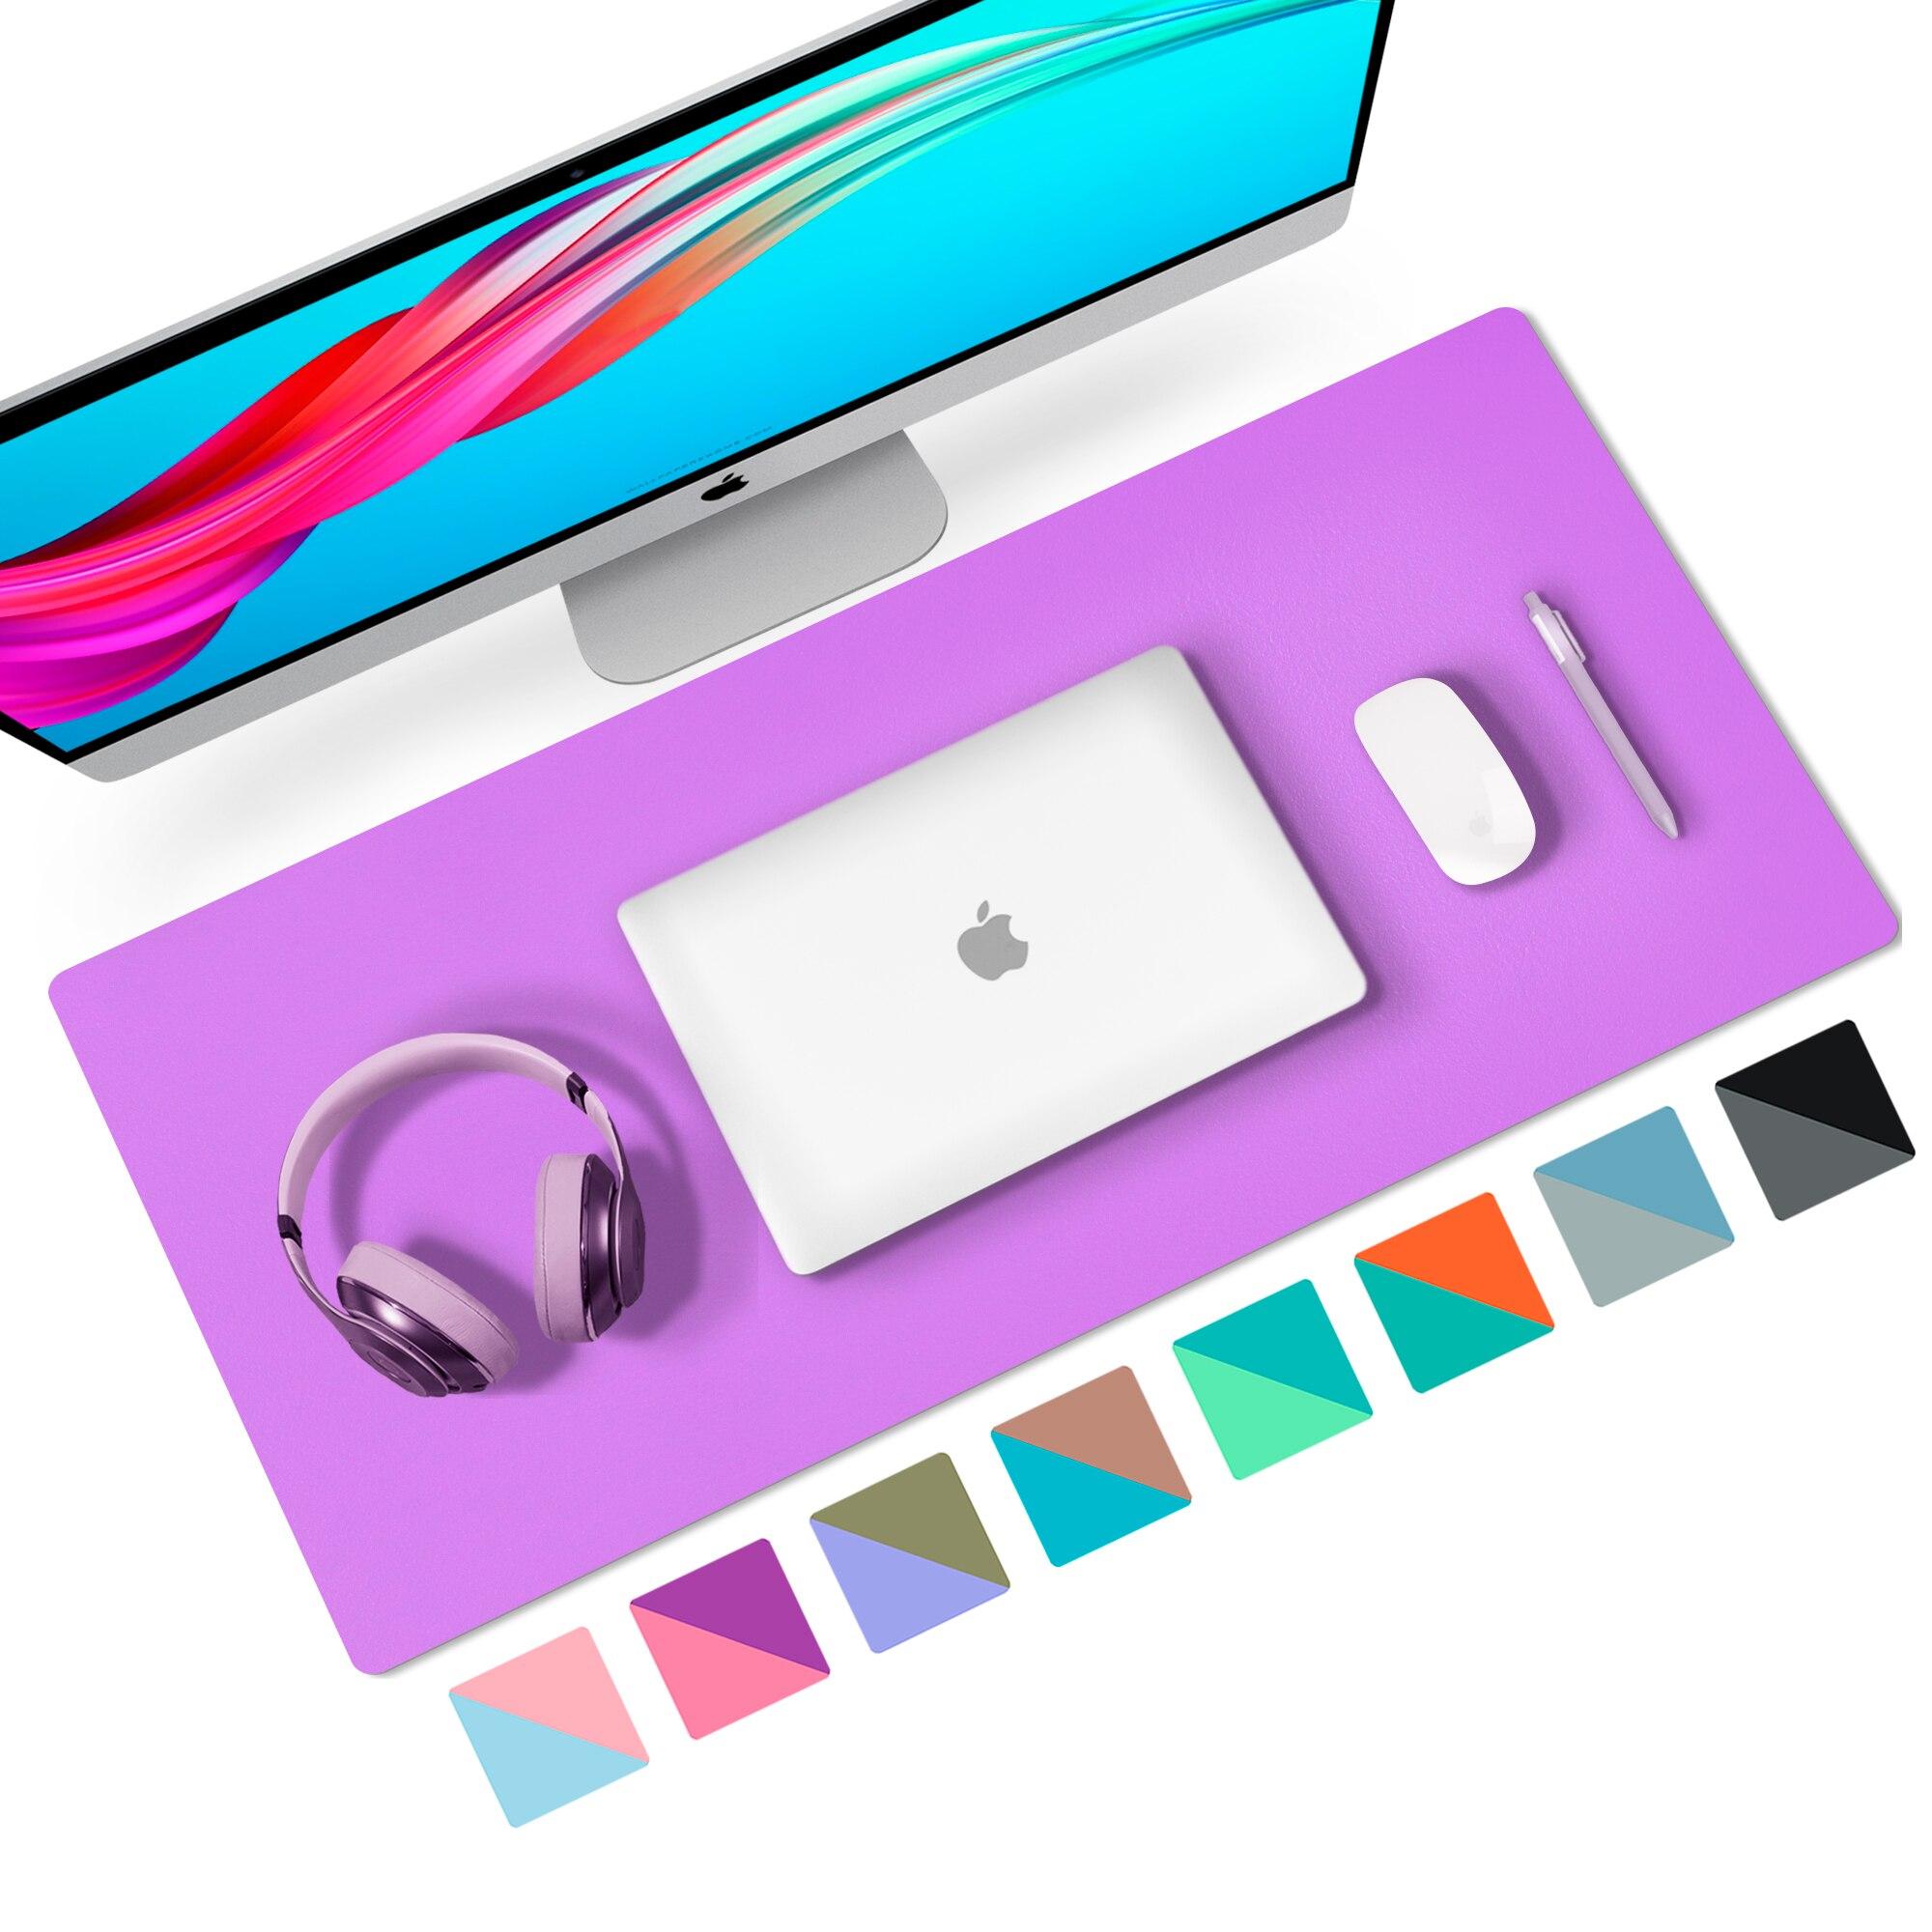 Tapis de bureau Double face en cuir Pu, pour ordinateur de bureau, clavier de jeu, grand pour ordinateur portable